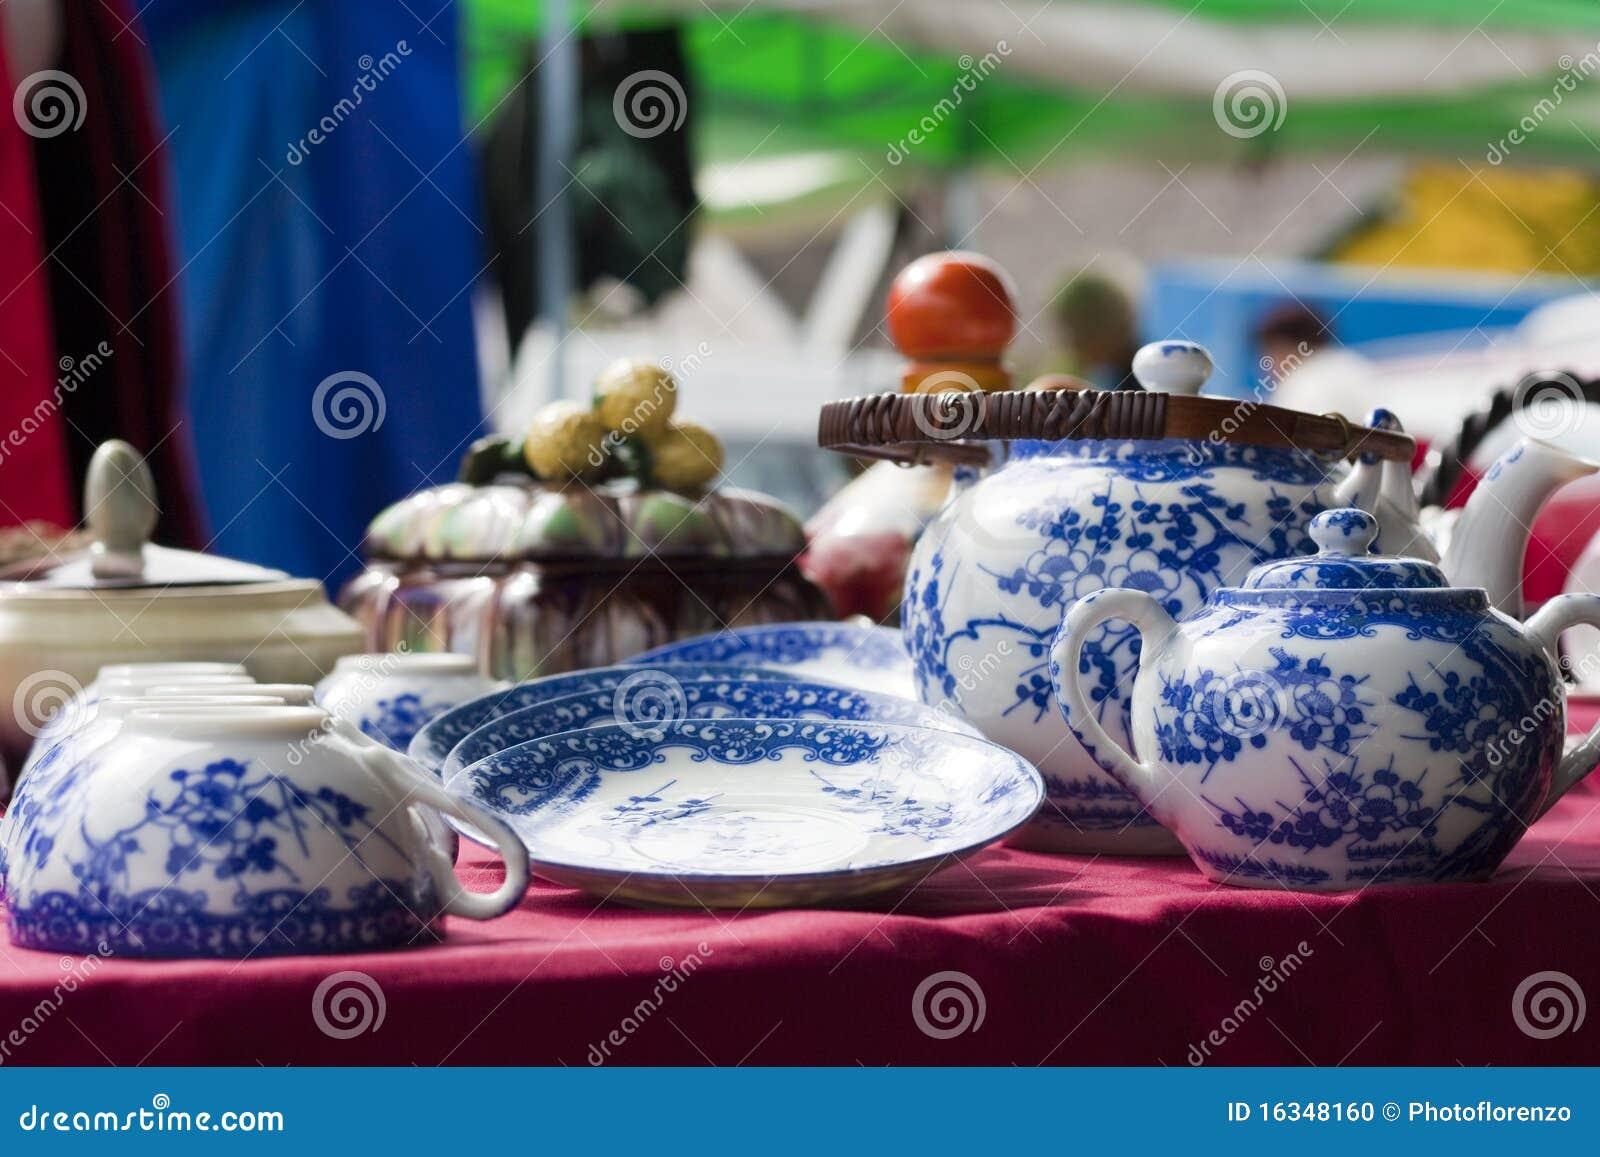 Blauer Dishware auf Flohmarkt